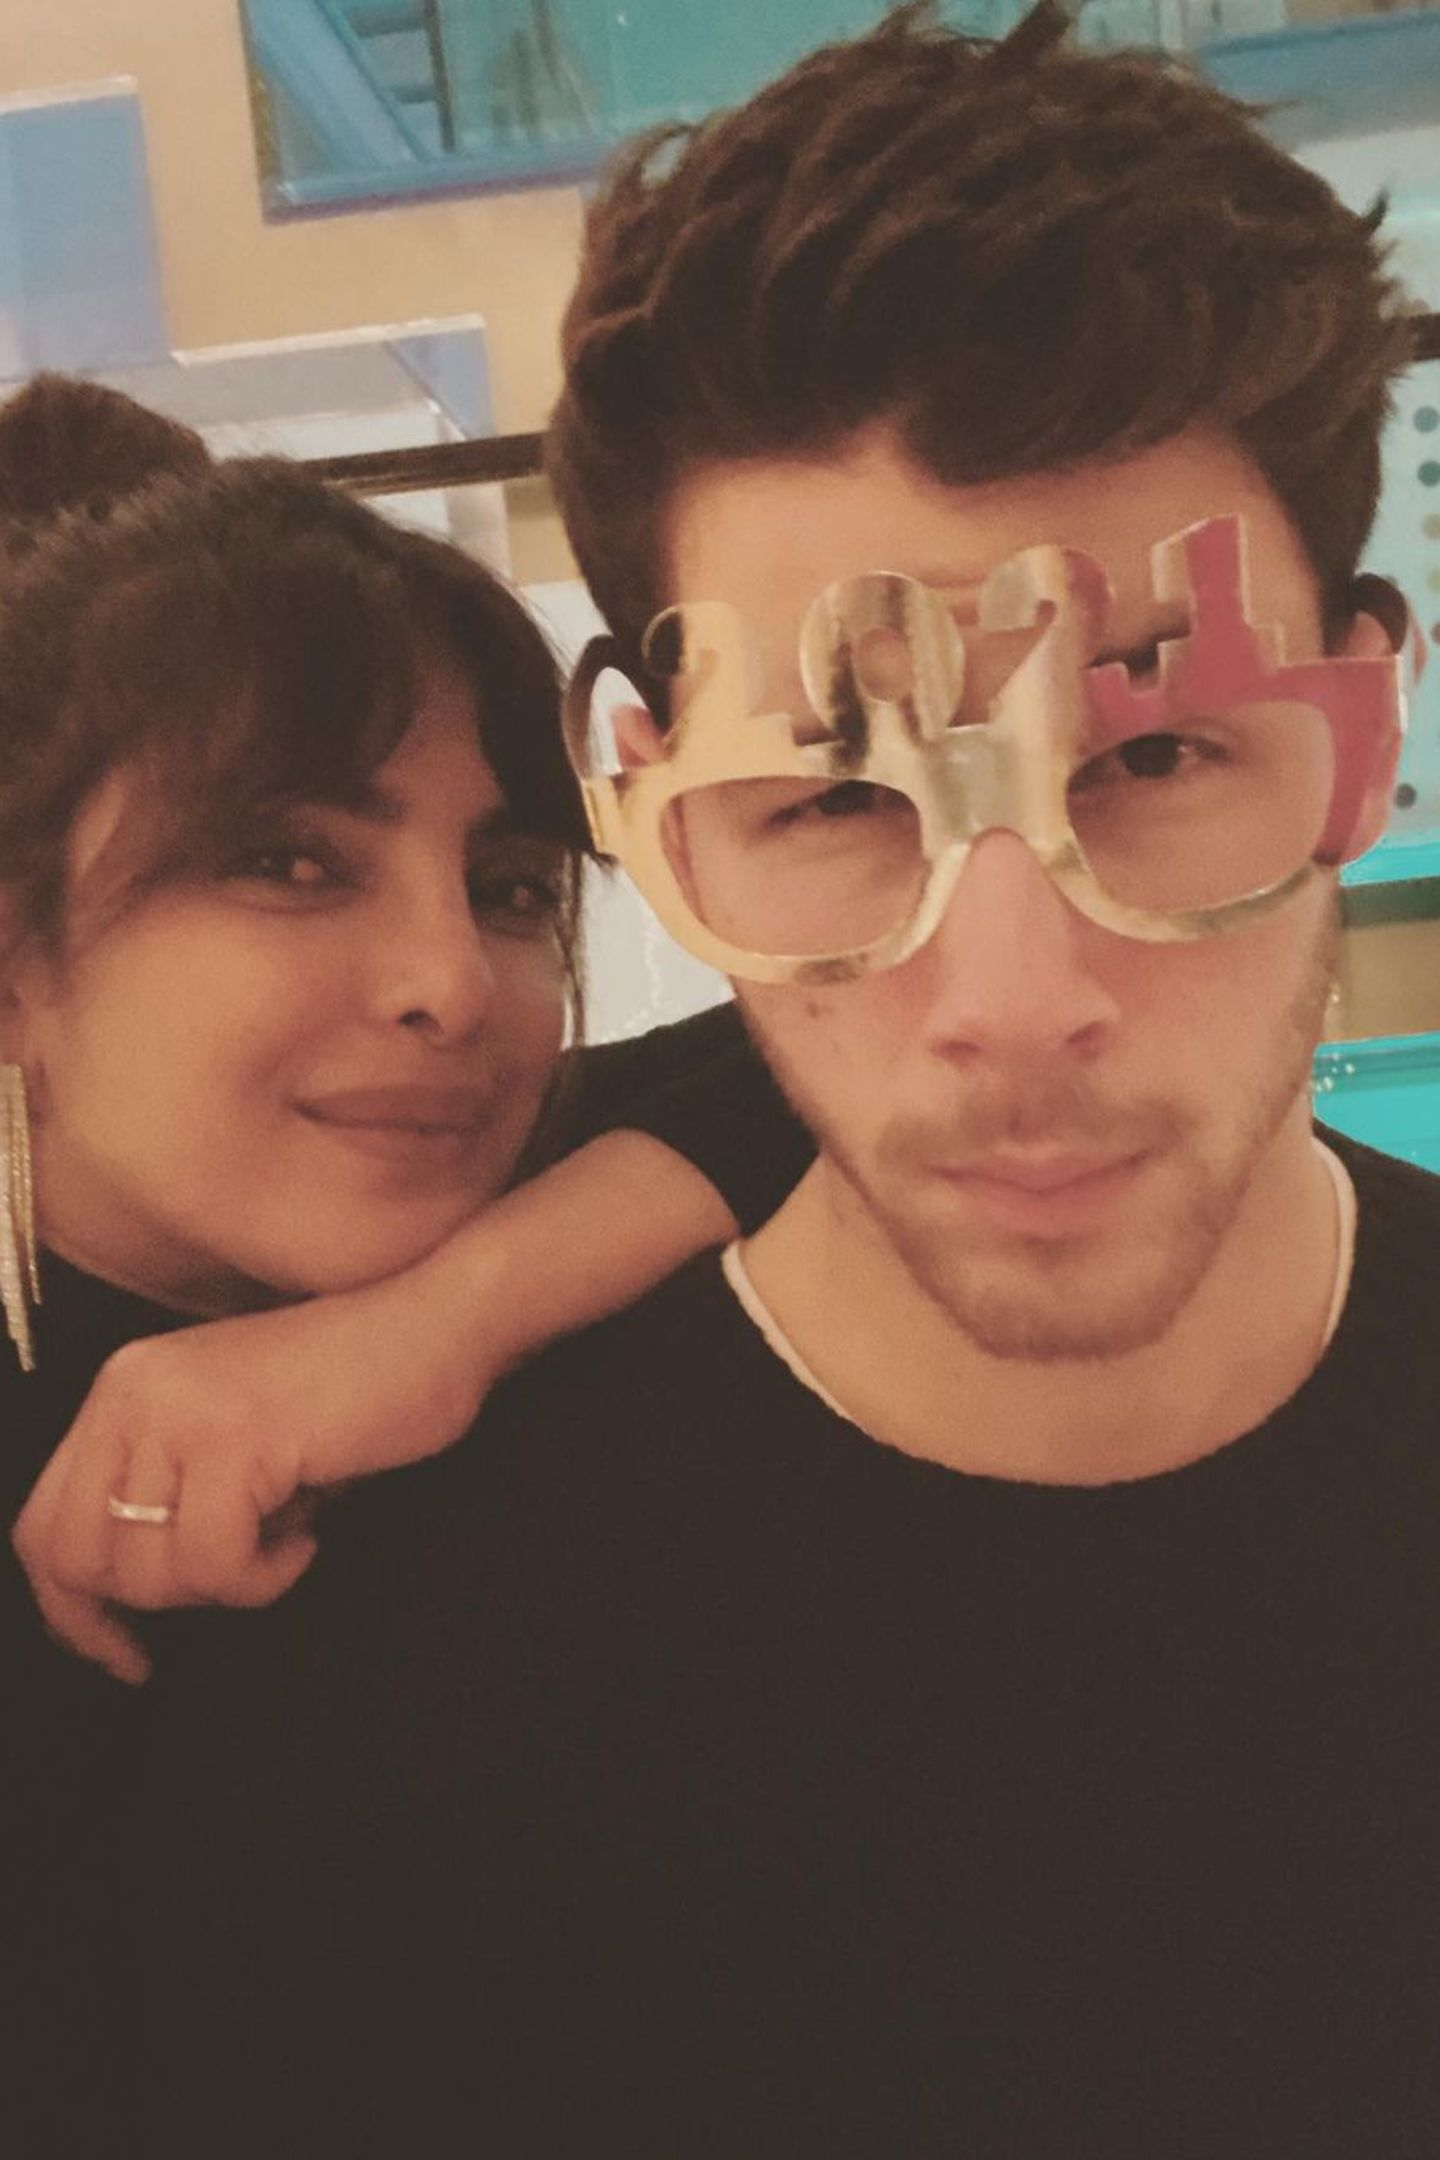 """Auch Priyanka Chopra und Nick Jonas senden Neujahrsgrüße via Instagram: """"Die Zukunft sieht gut aus! Frohes neues Jahr aus London allerseits!"""""""